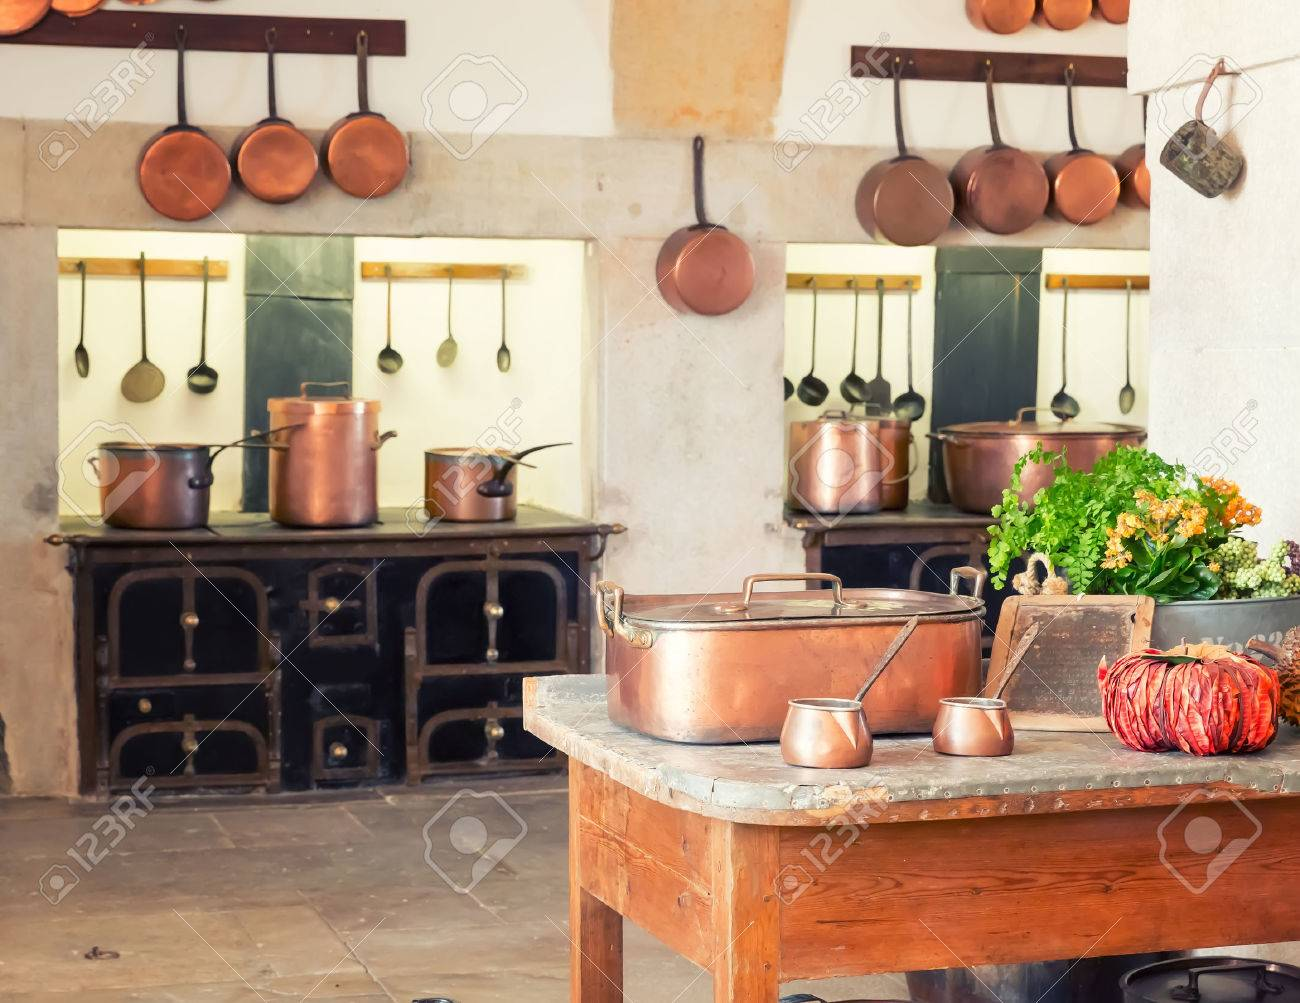 Vintage kitchenware - Kitchen Interior With Vintage Kitchenware Stock Photo 47429586